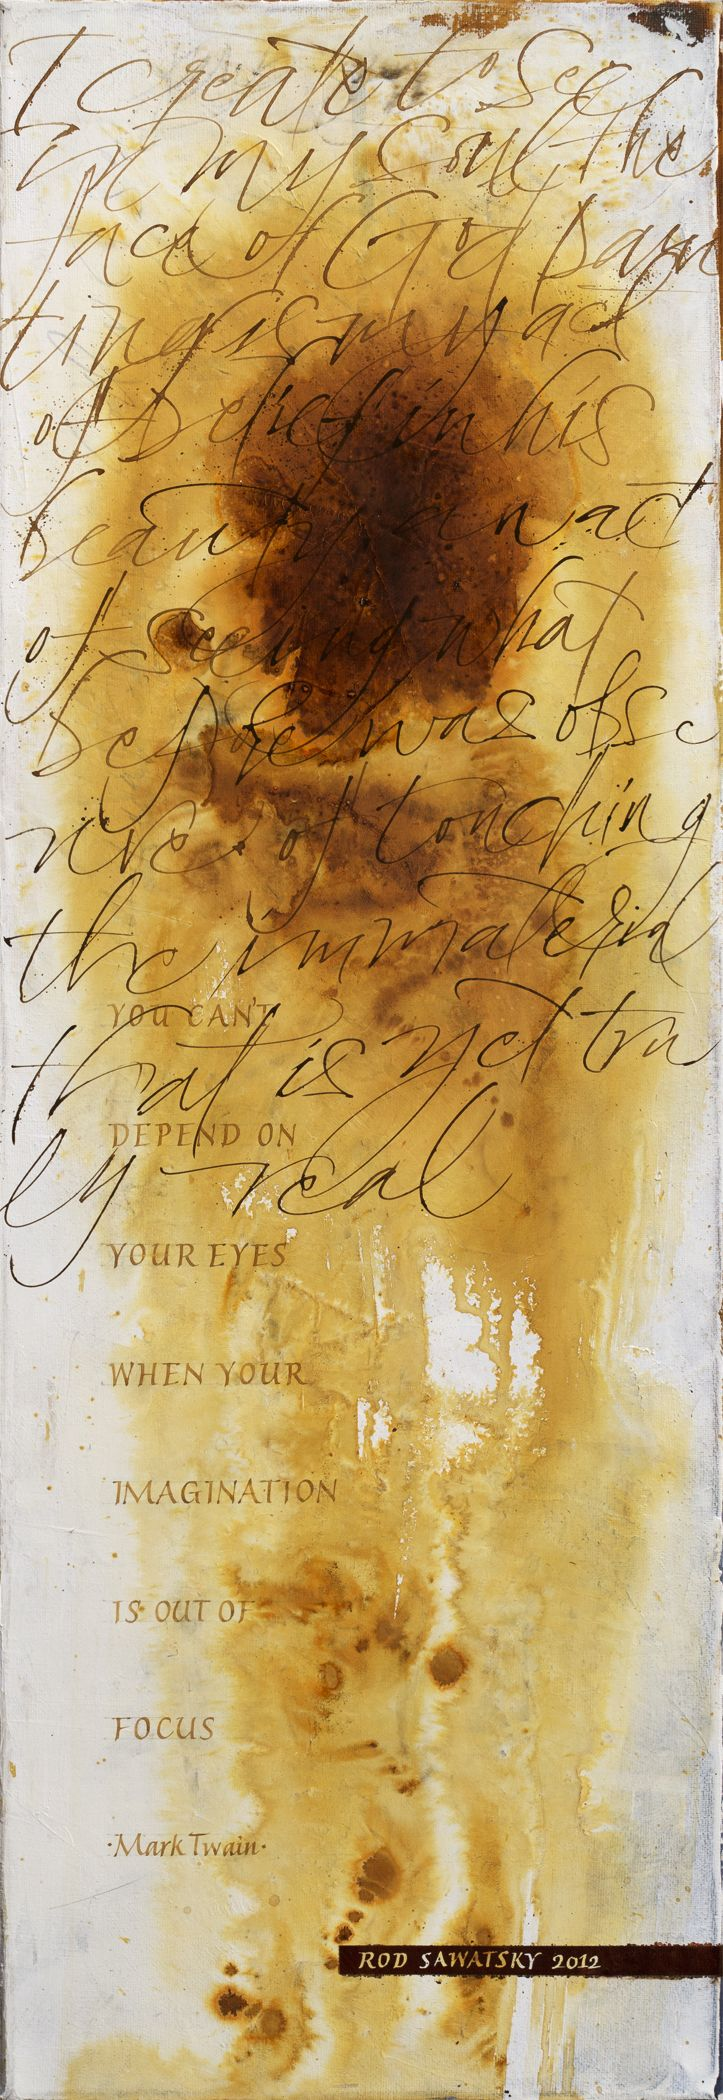 12 x 32 – acrylic inks, gesso,   gouache on canvas.  By Rod Sawatsky.